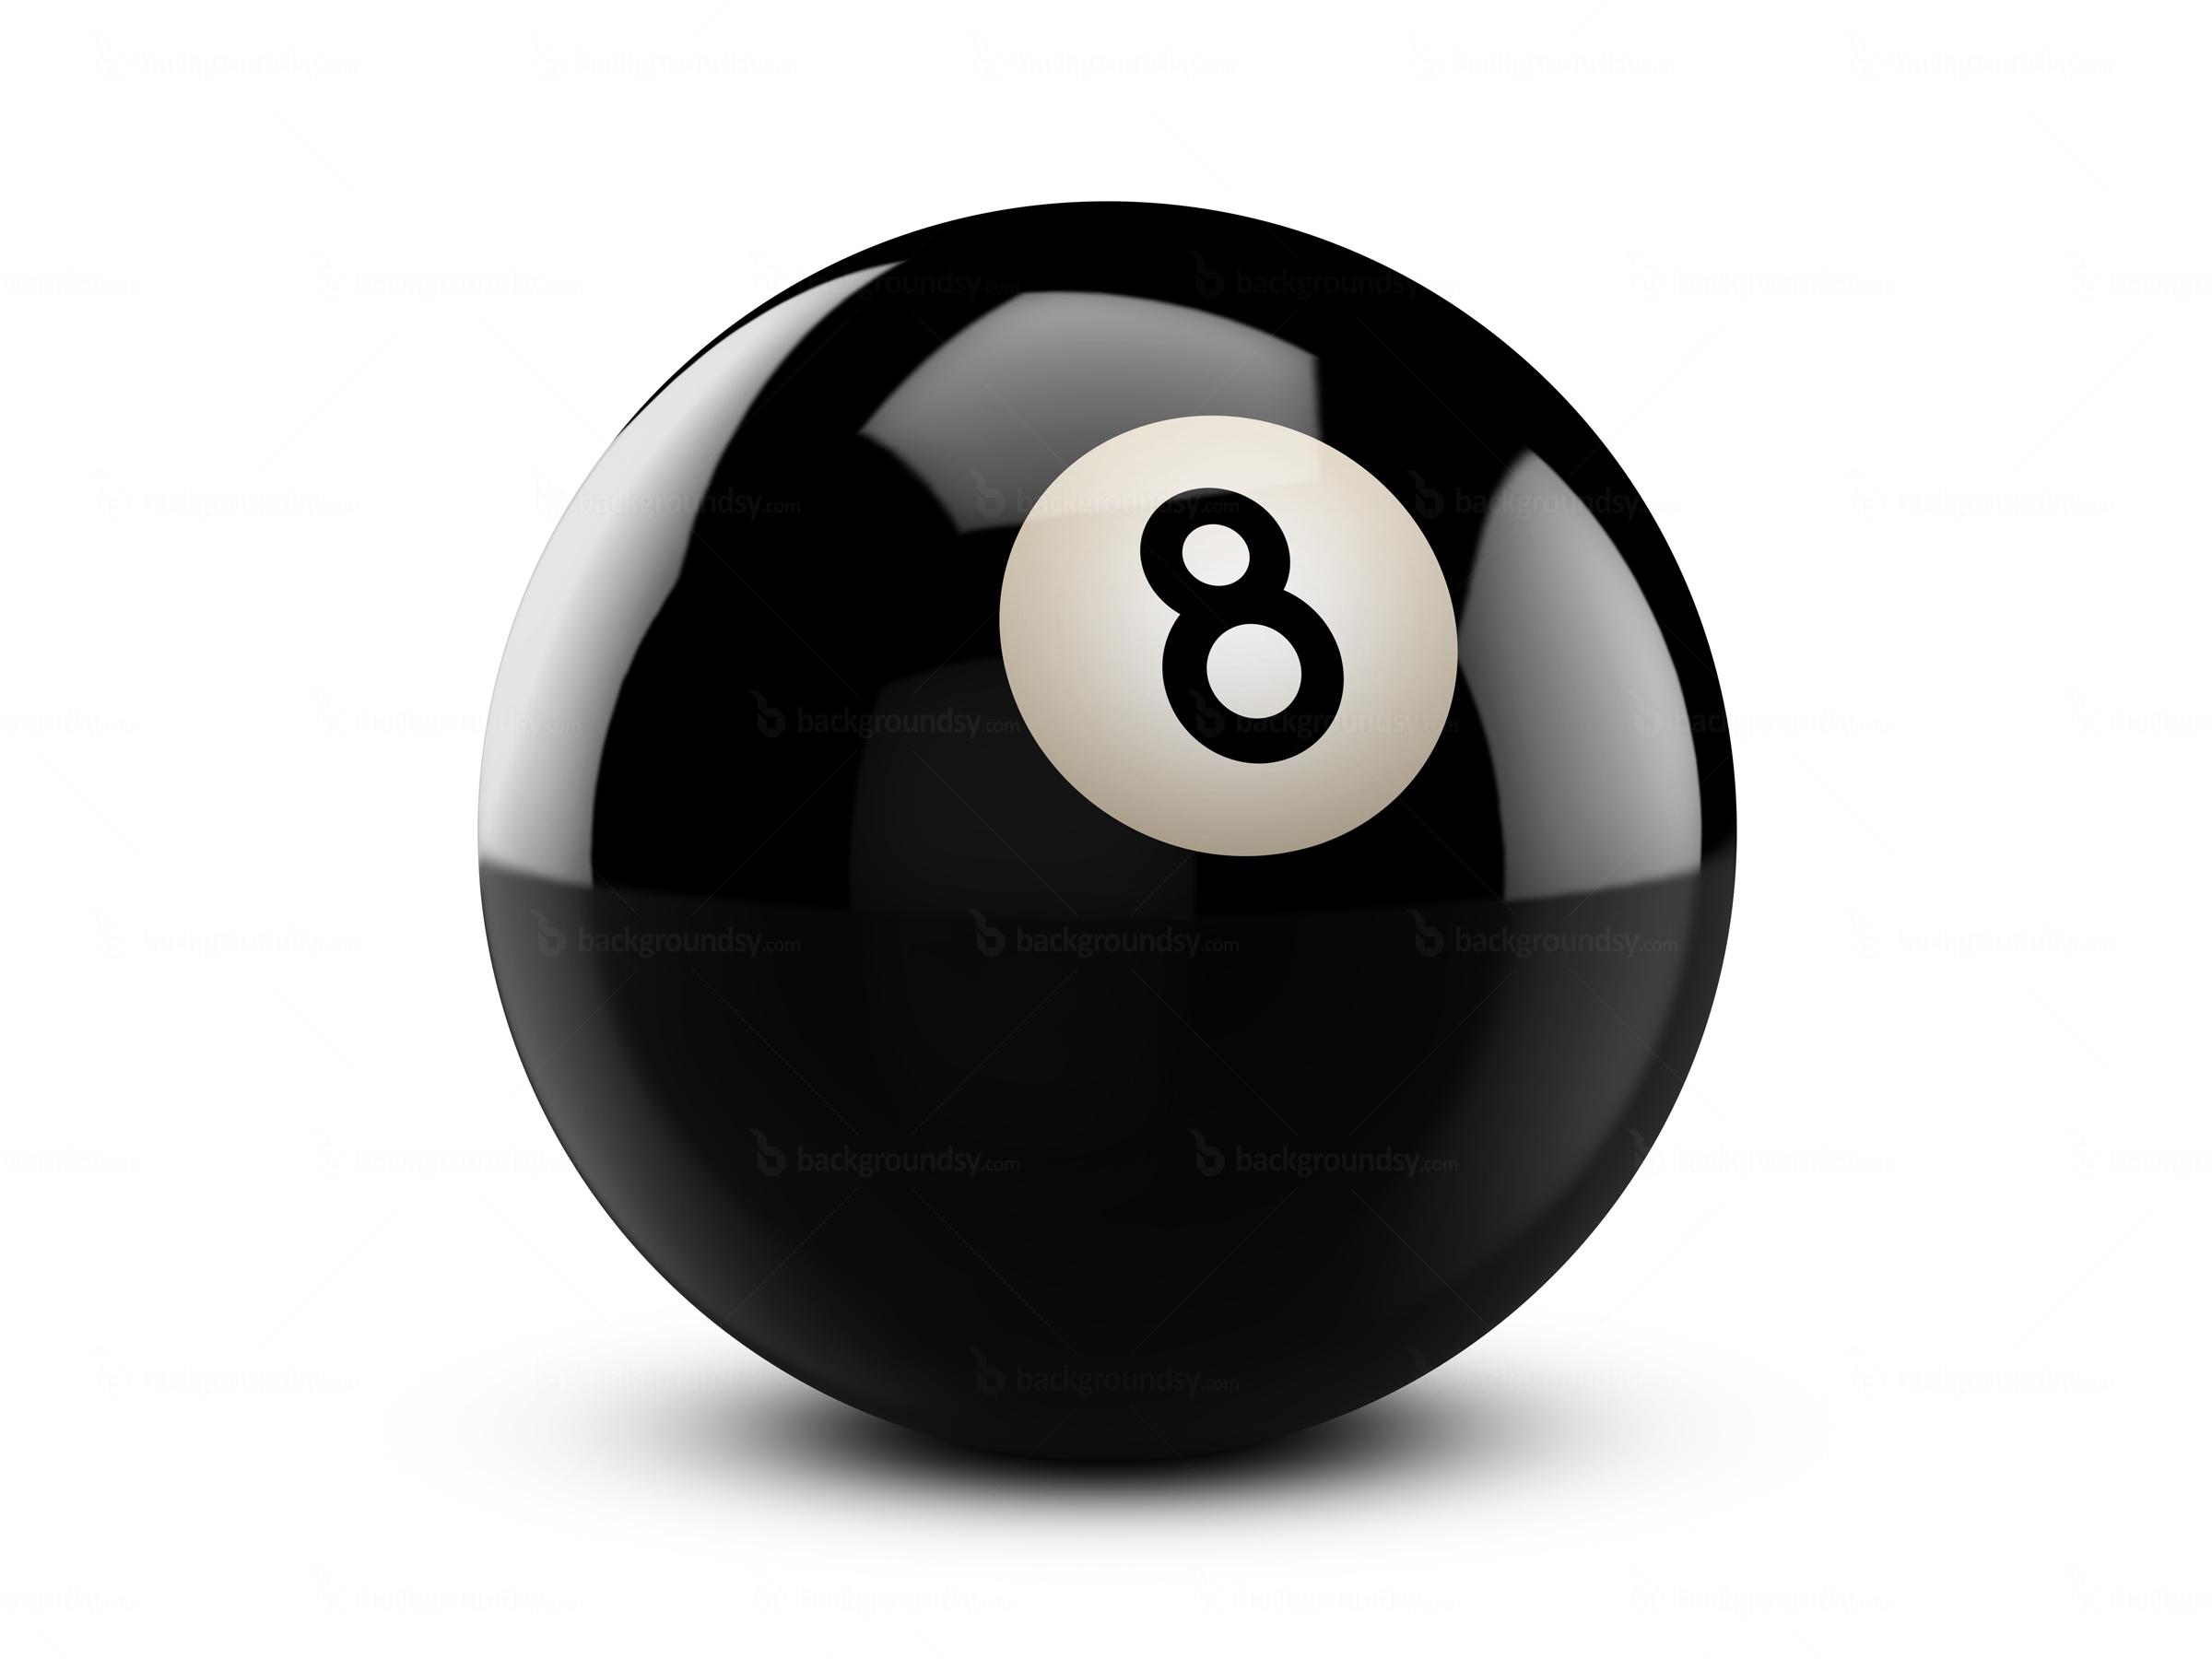 8 Ball Pool Billard